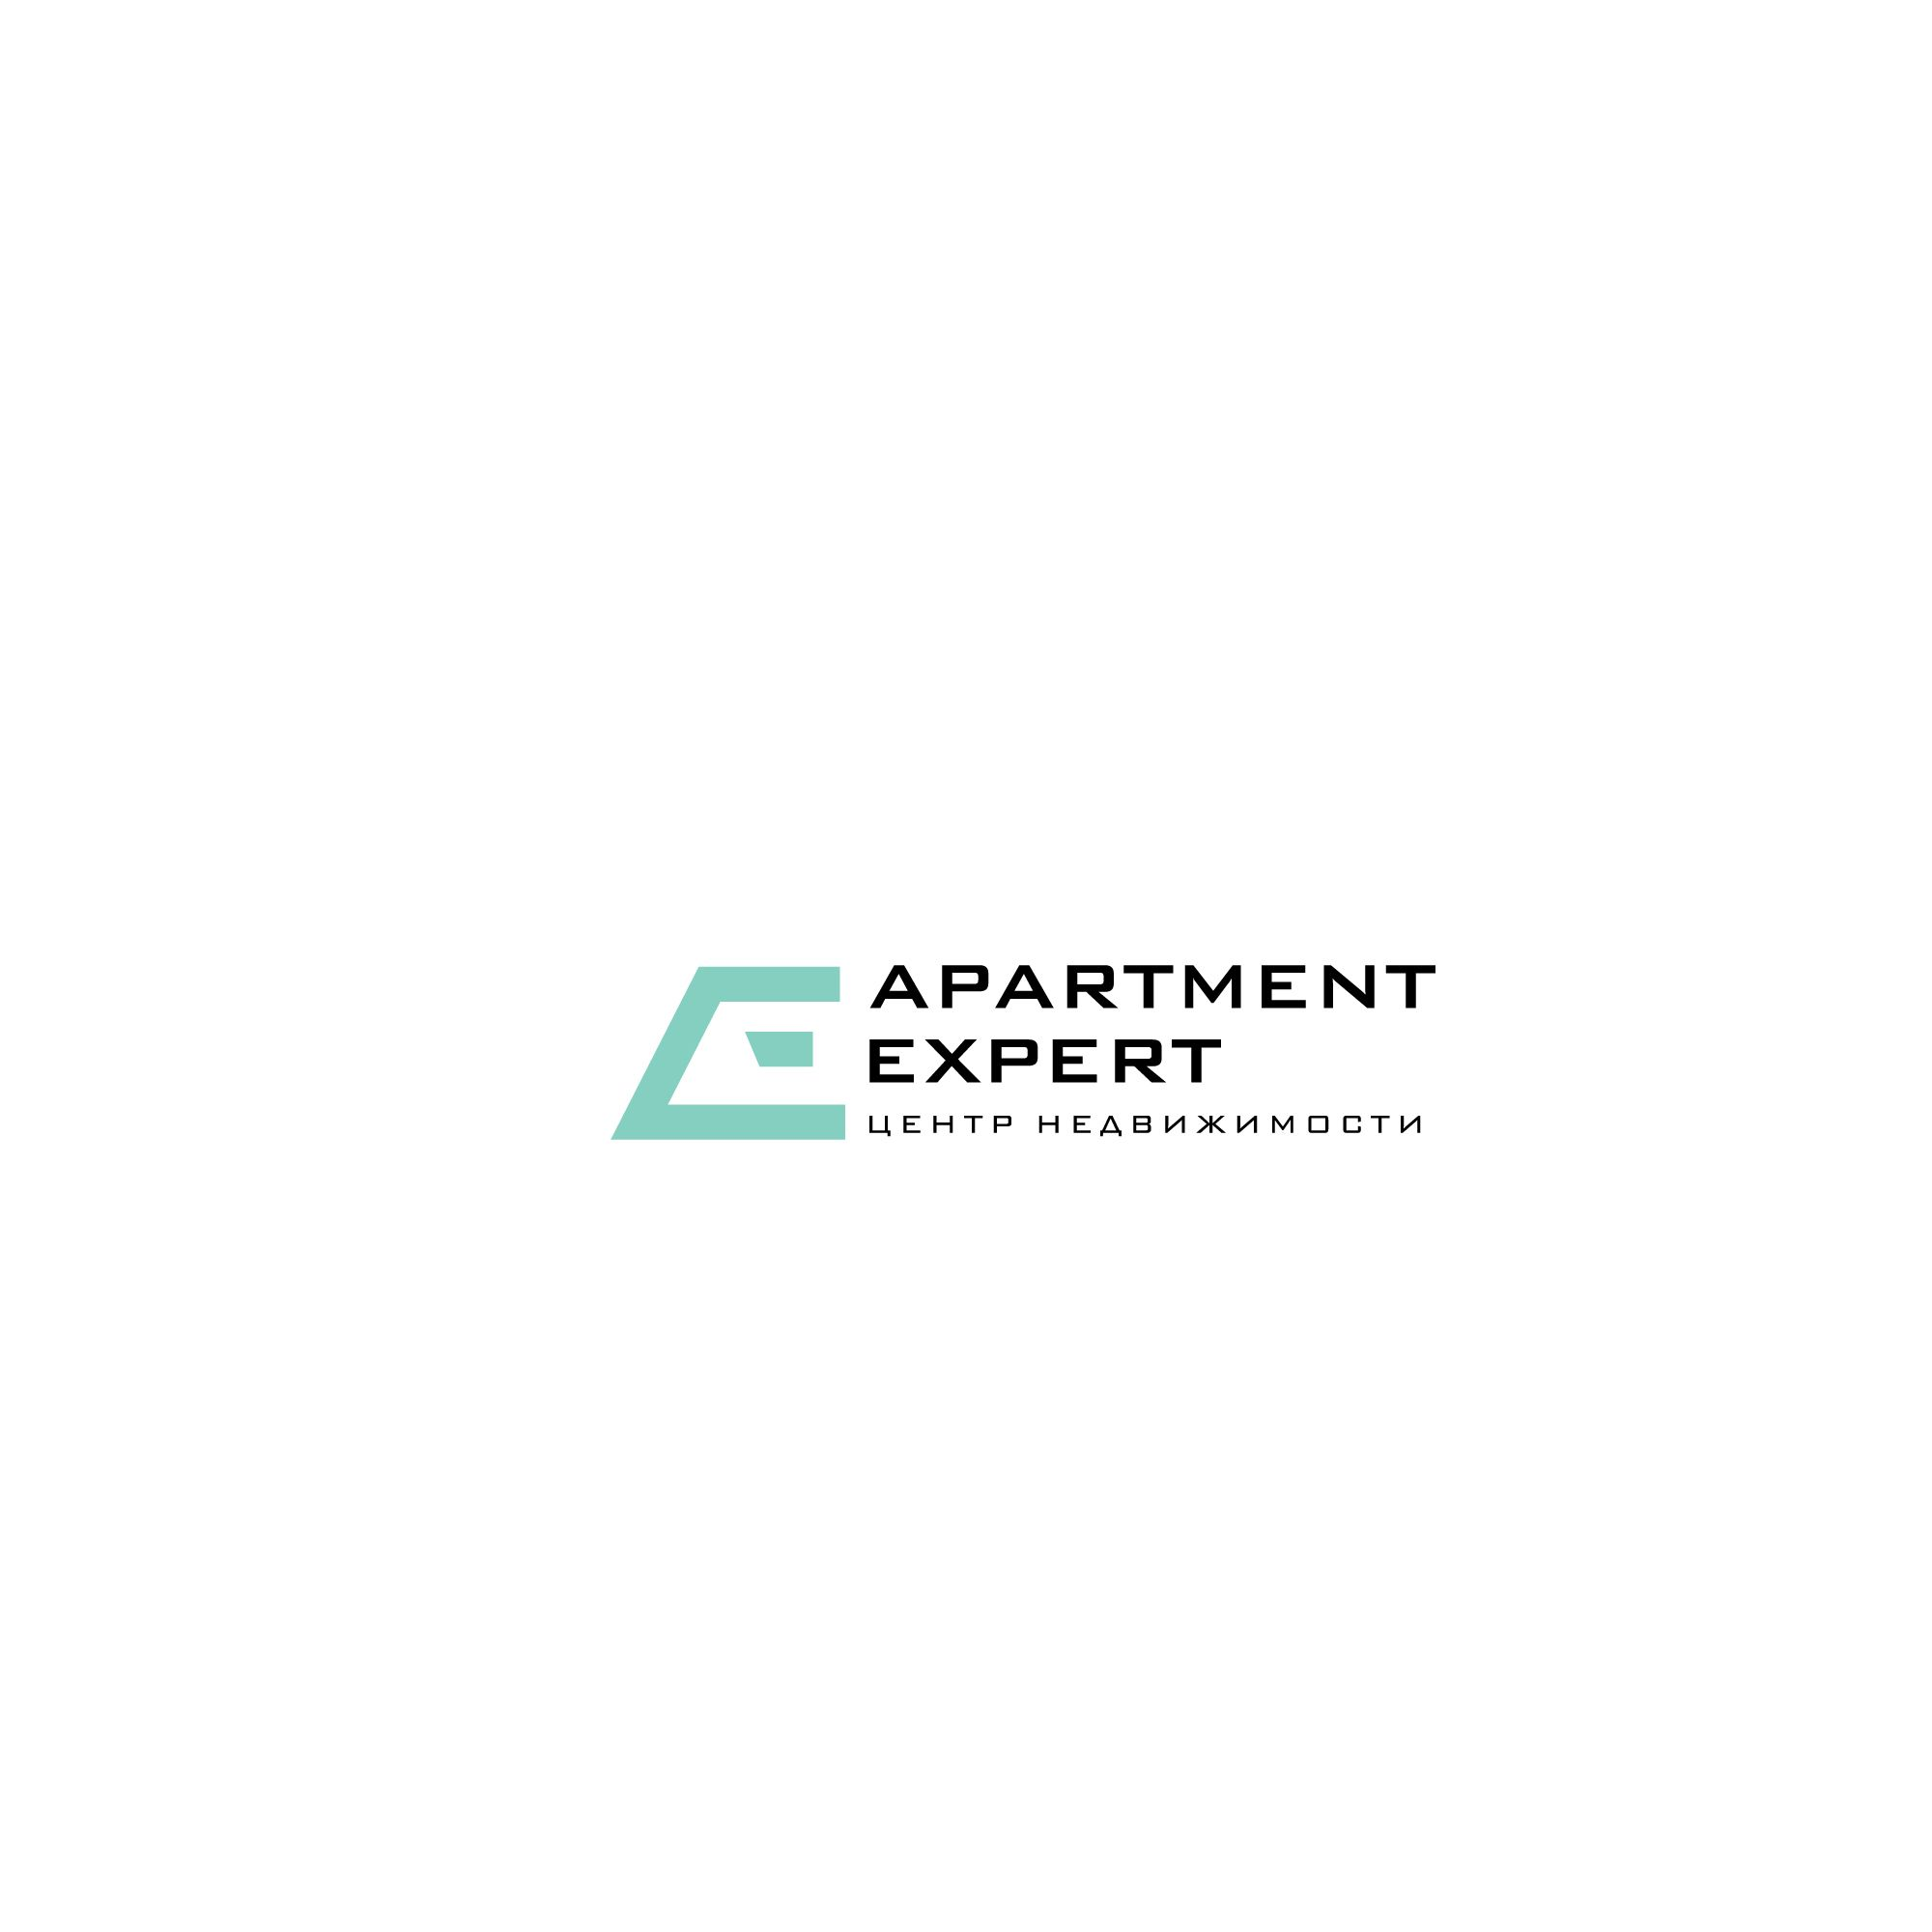 Логотип для APARTMENT EXPERT - ЦЕНТР НЕДВИЖИМОСТИ - дизайнер SmolinDenis